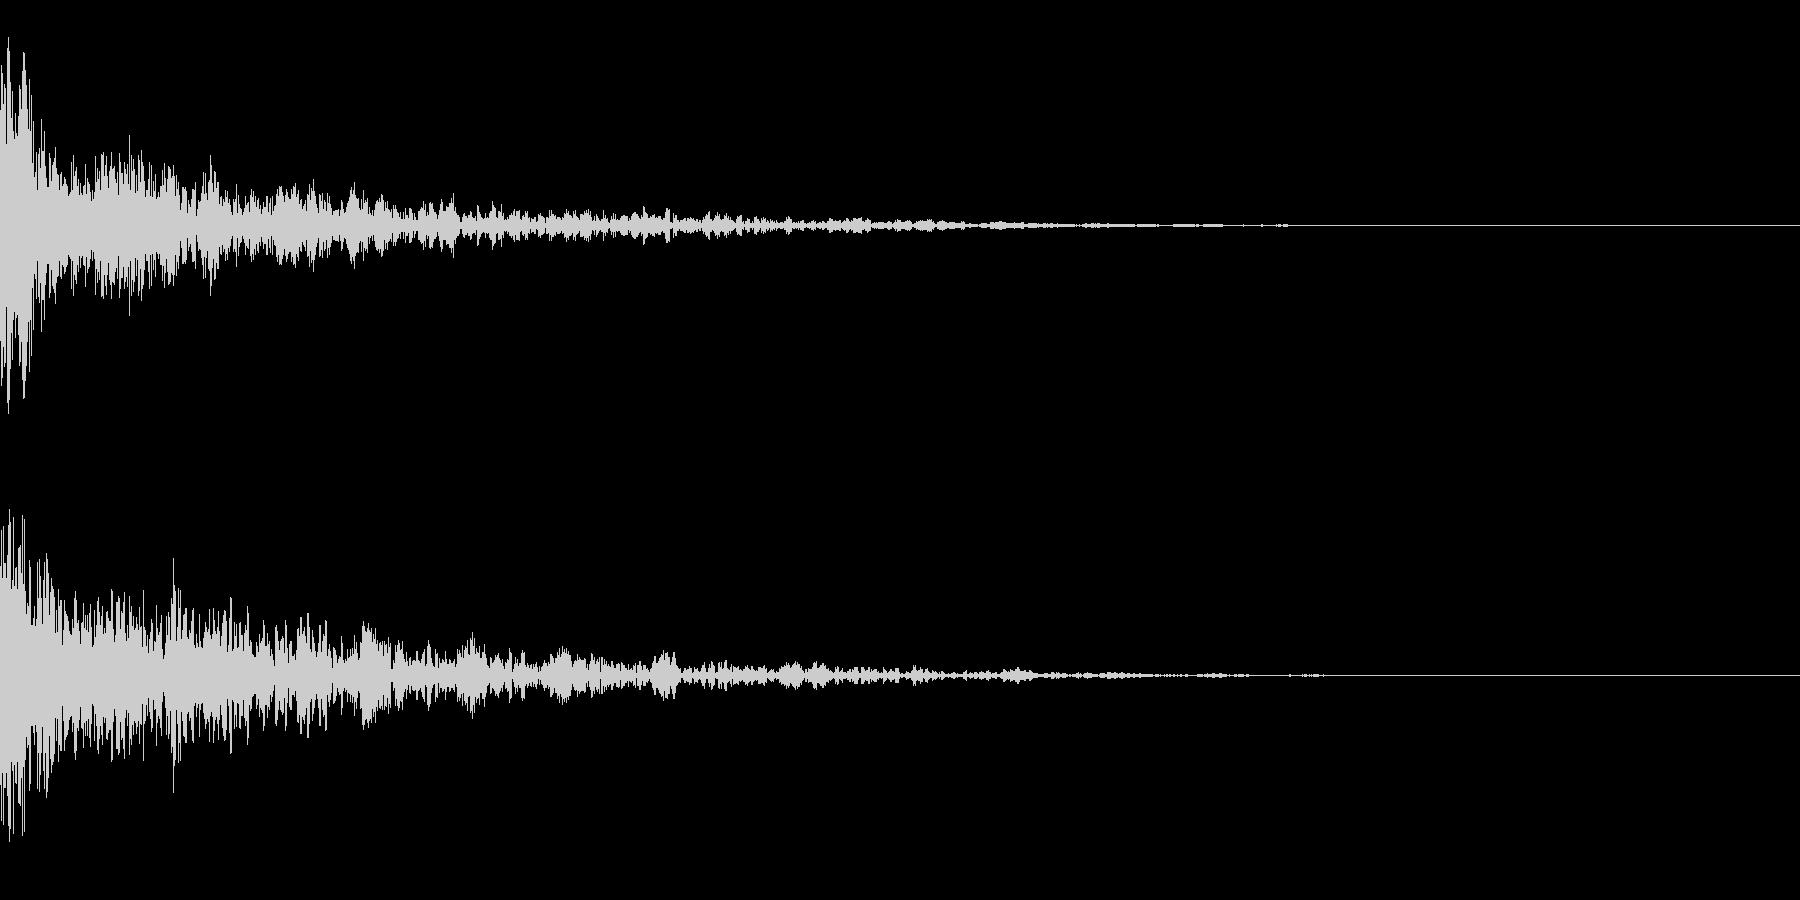 ドーン-33-2(インパクト音)の未再生の波形